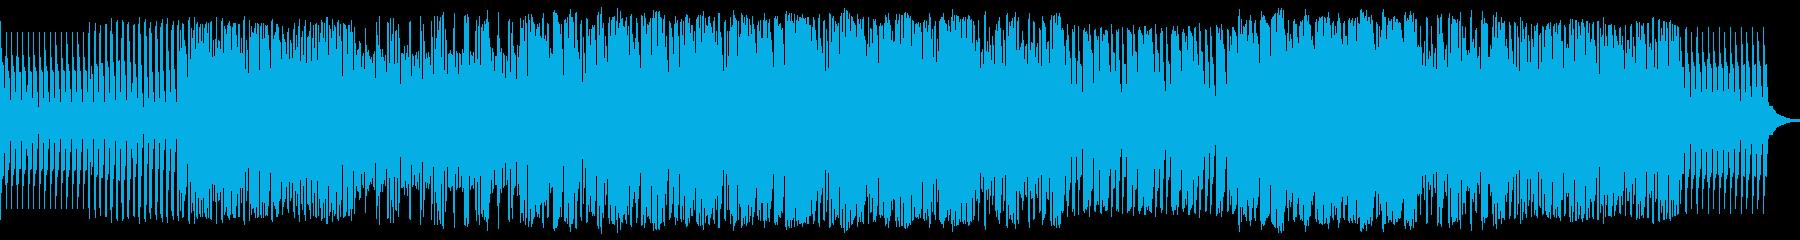 テクノ。攻撃。ボーカルサンプル。悪の。の再生済みの波形